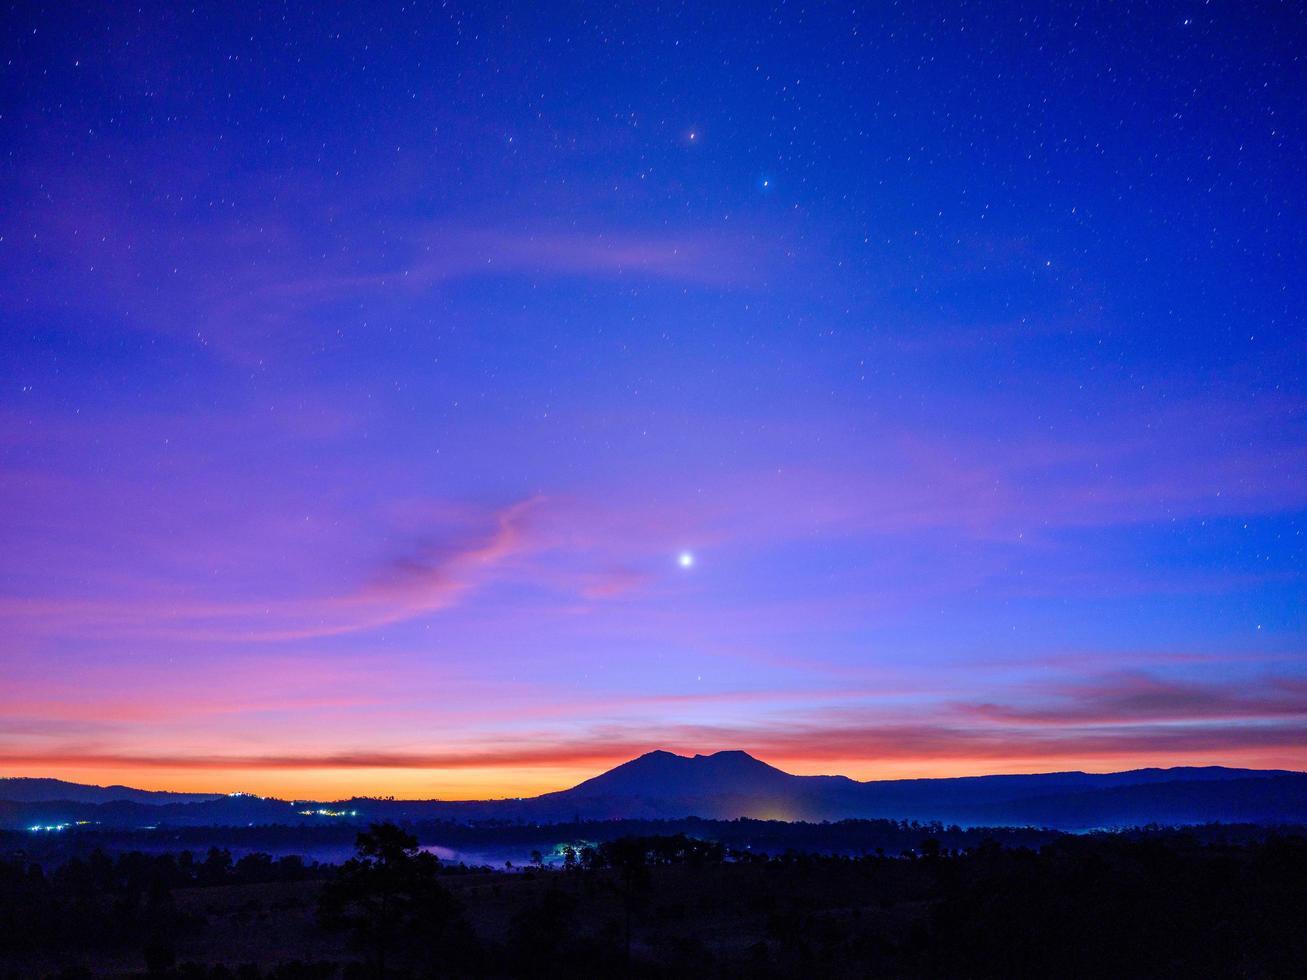 berg met zonsondergang en blauwe hemelachtergrond foto